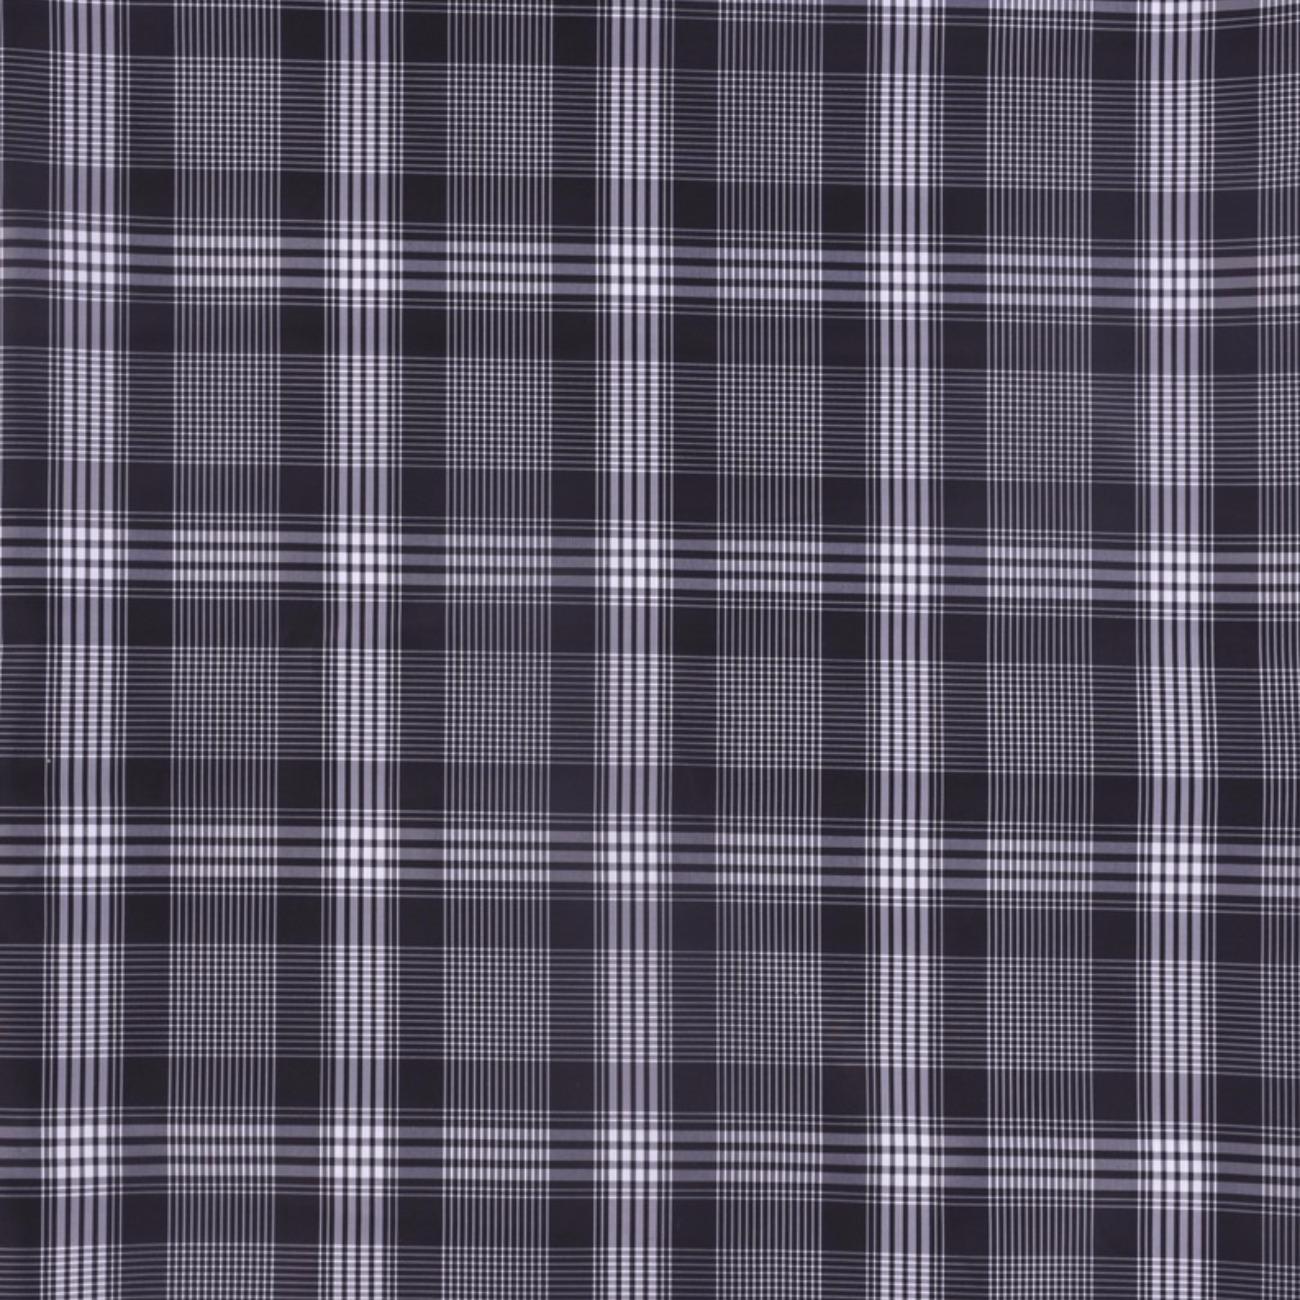 里布 格子 梭织斜纹纸感超薄无弹平纹细腻男装全涤色织格子60415-8(里布)